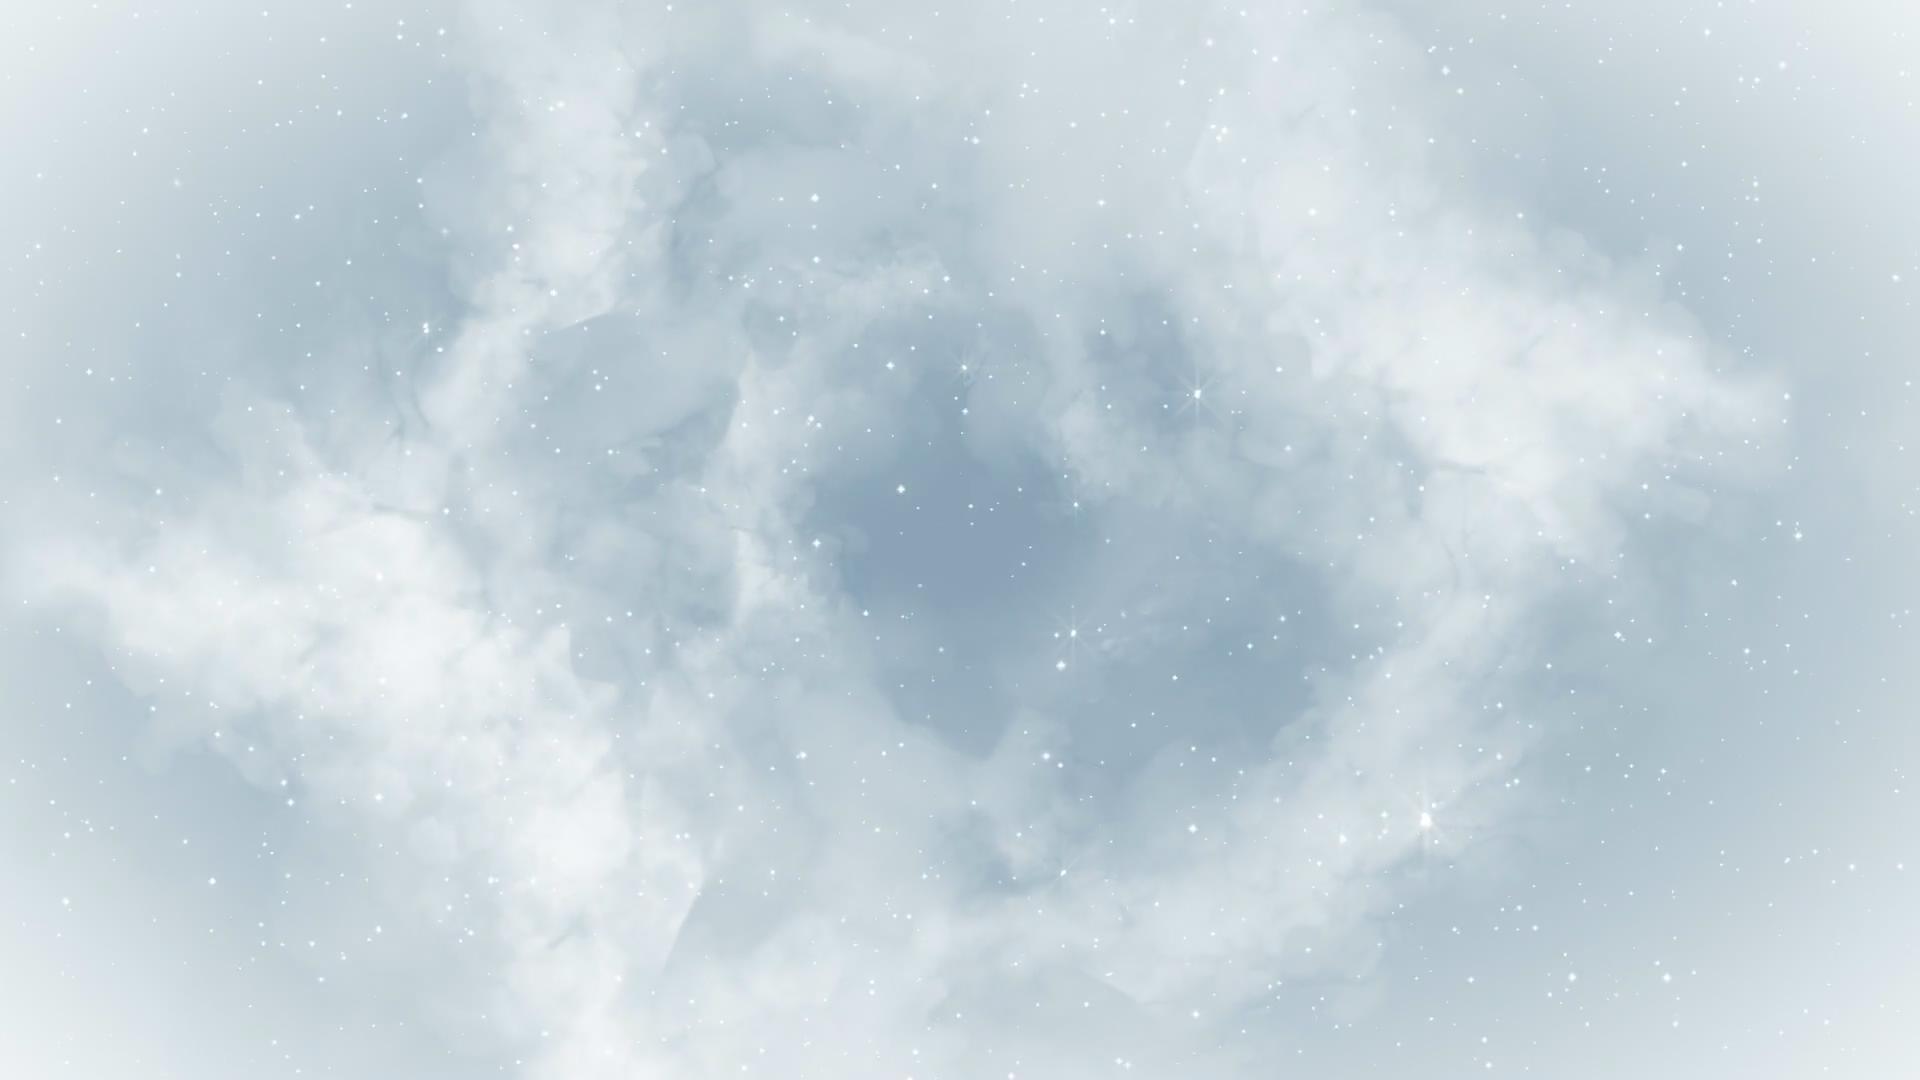 云霧離子背景